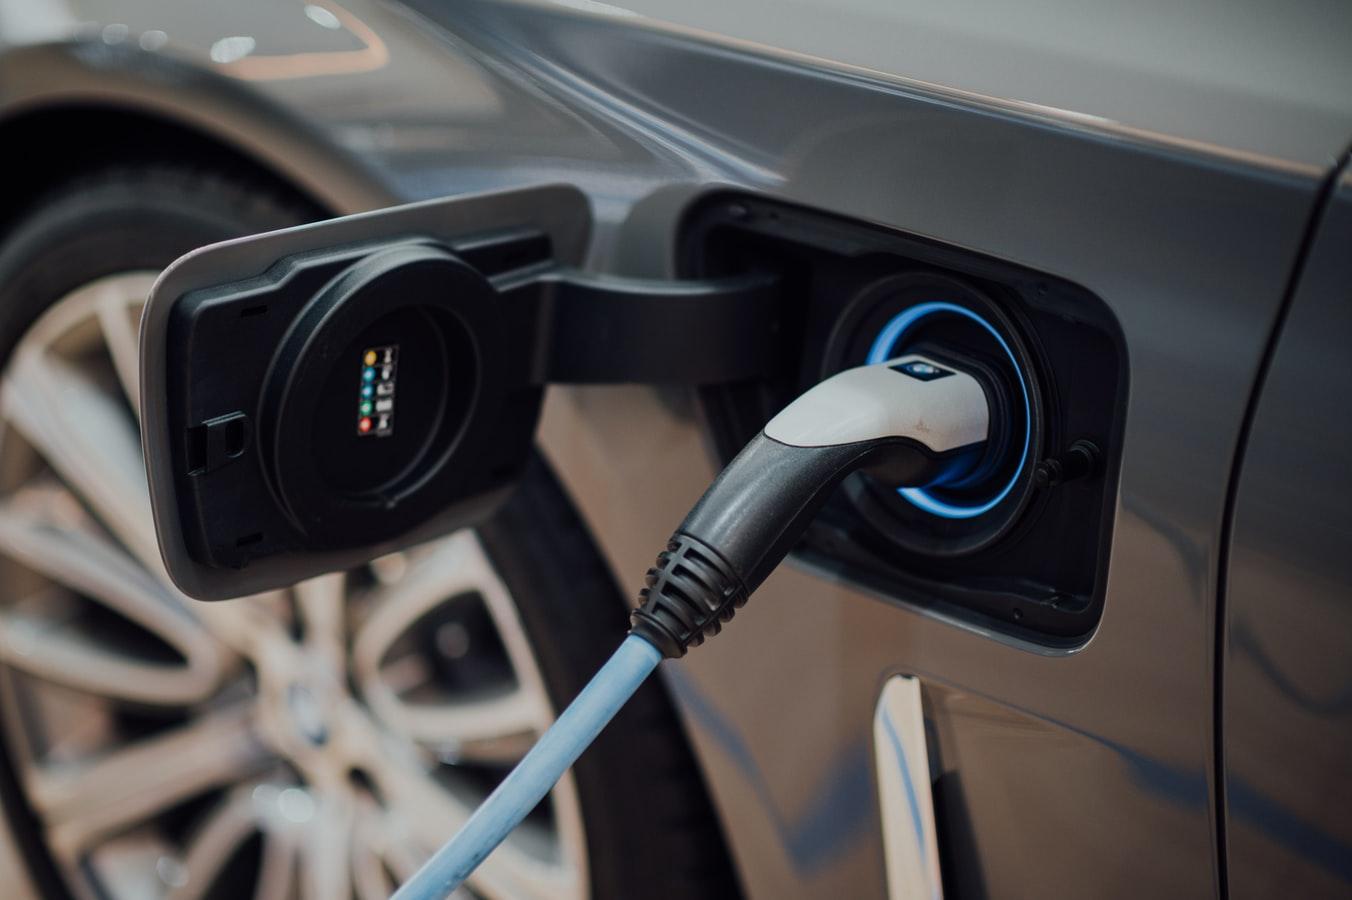 Feira de veículos elétricos e híbridos na Ribeira Grande